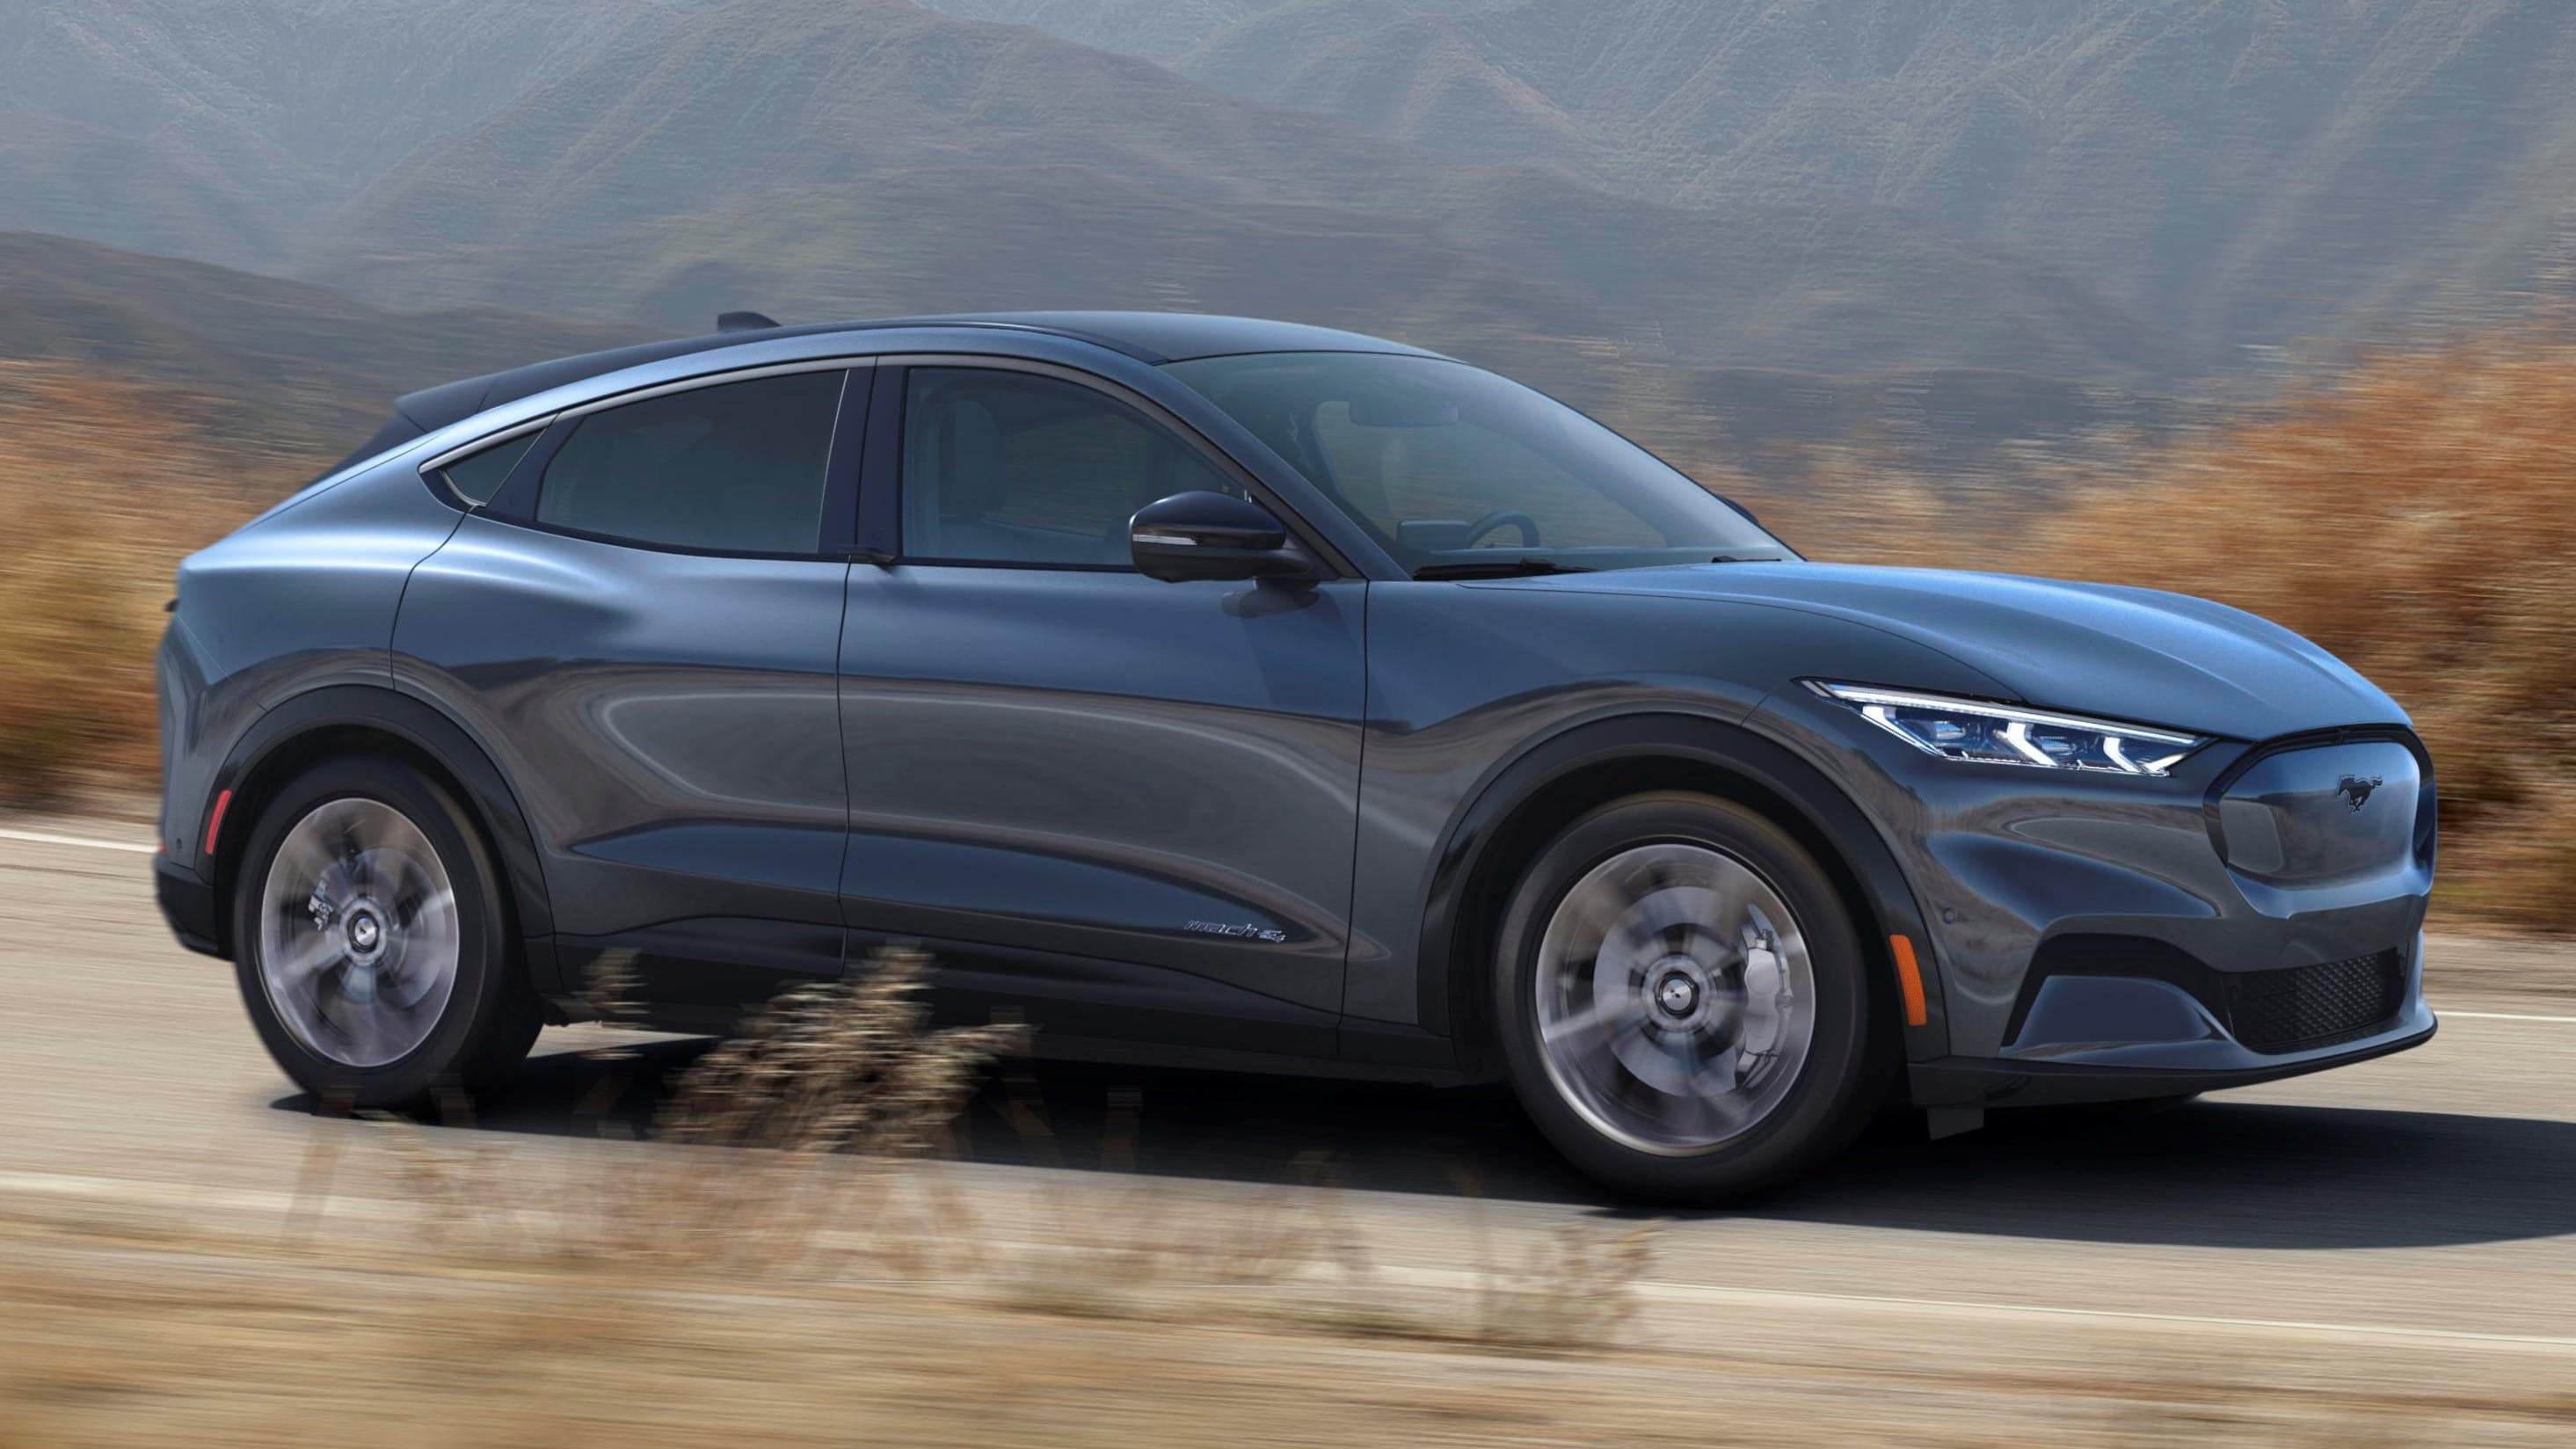 2022 Ford Mustang Mach-E vs. 2022 Volkswagen ID.4 Comparison